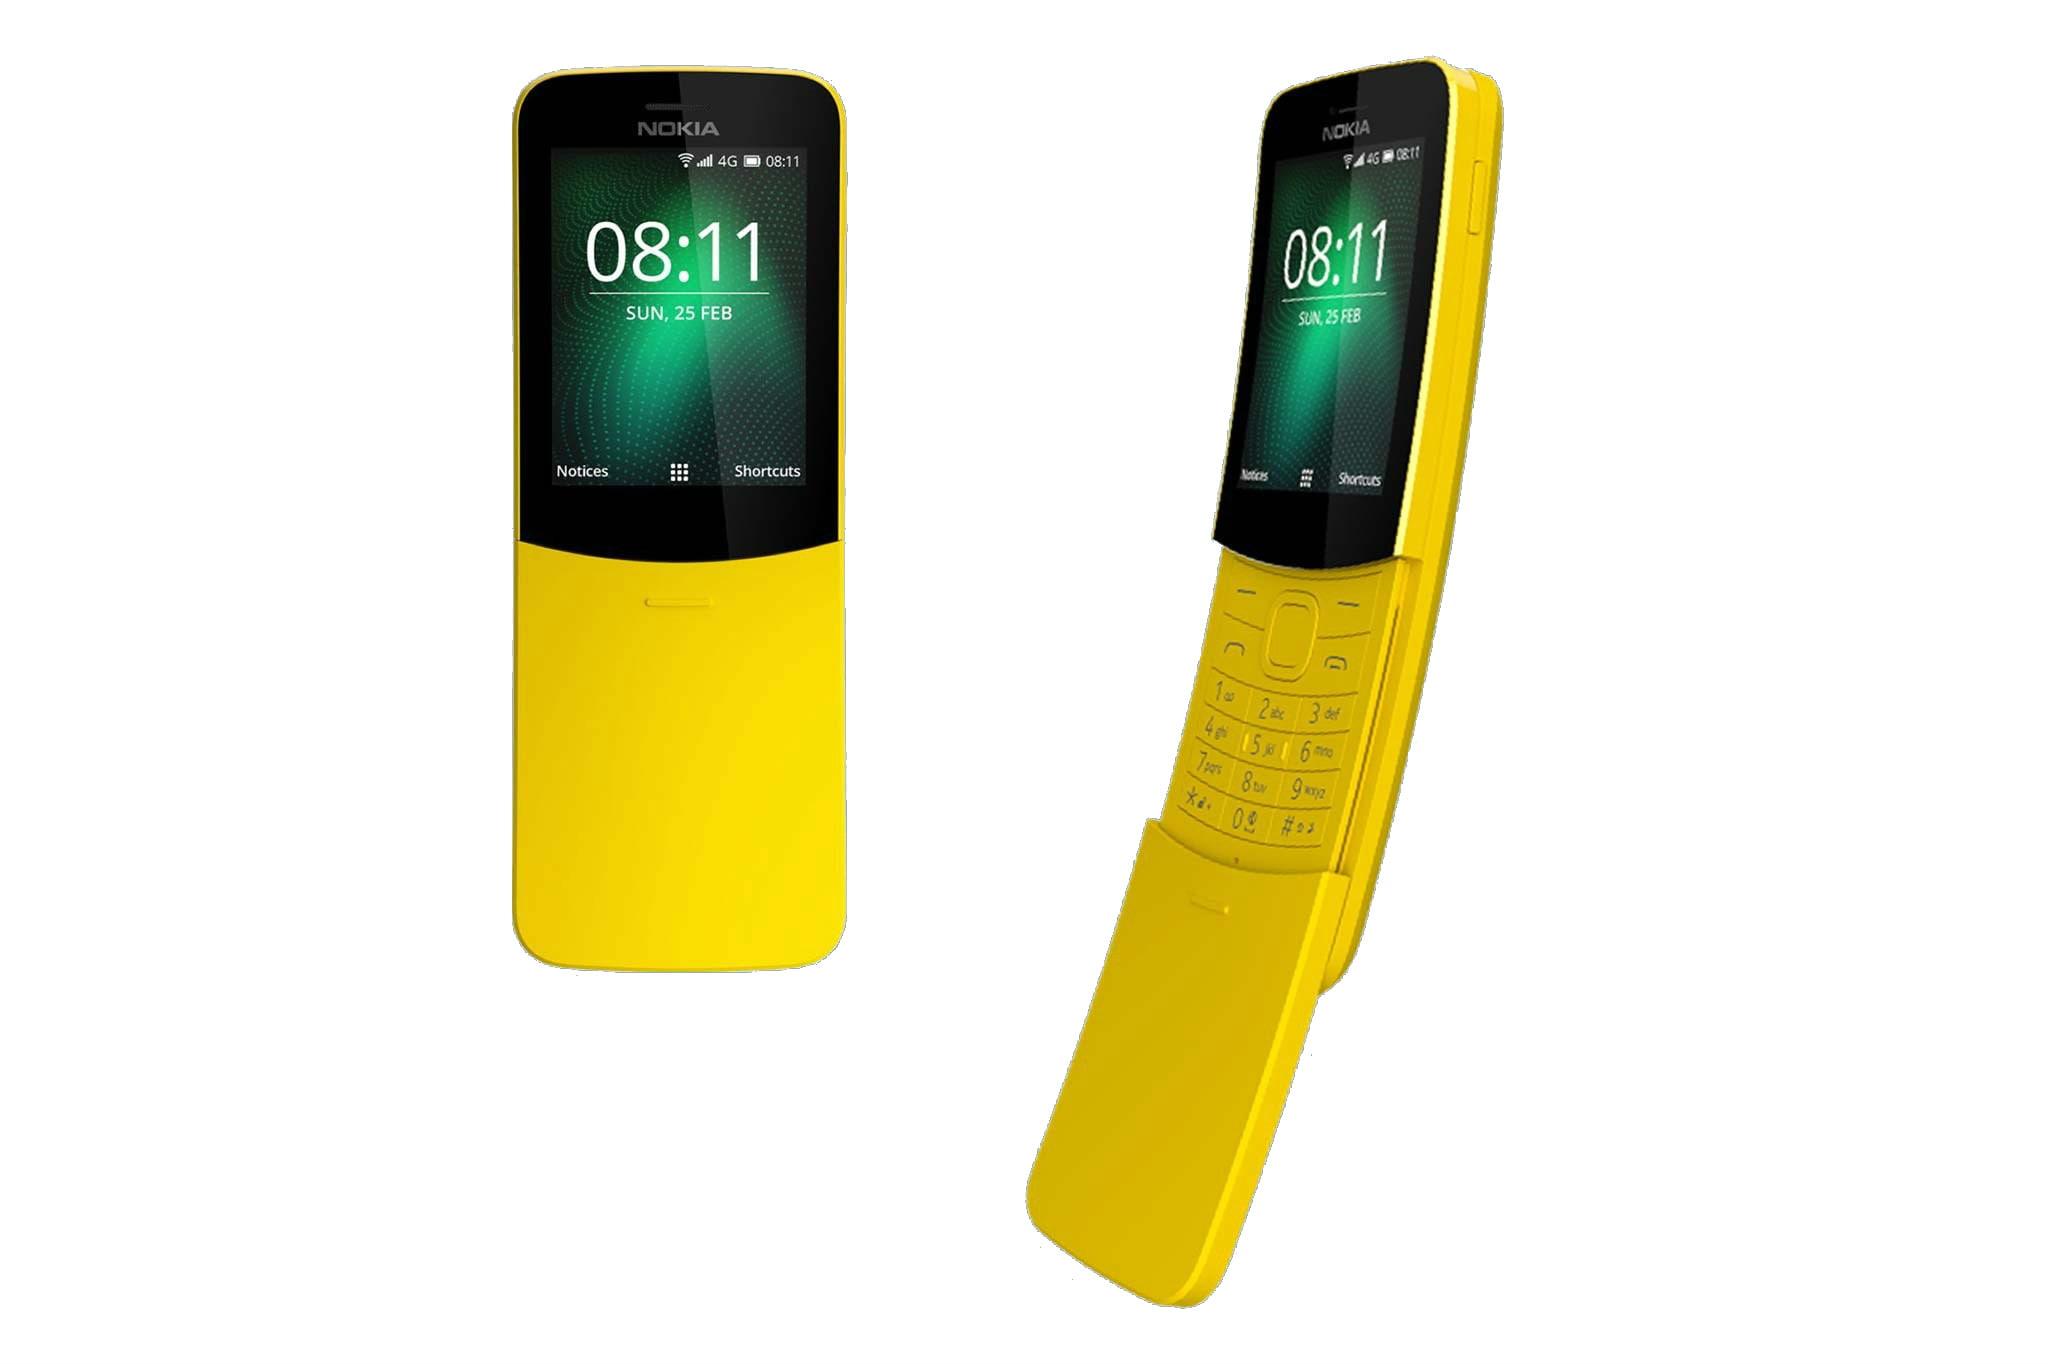 MWC 2018: Nokia 8110 4G